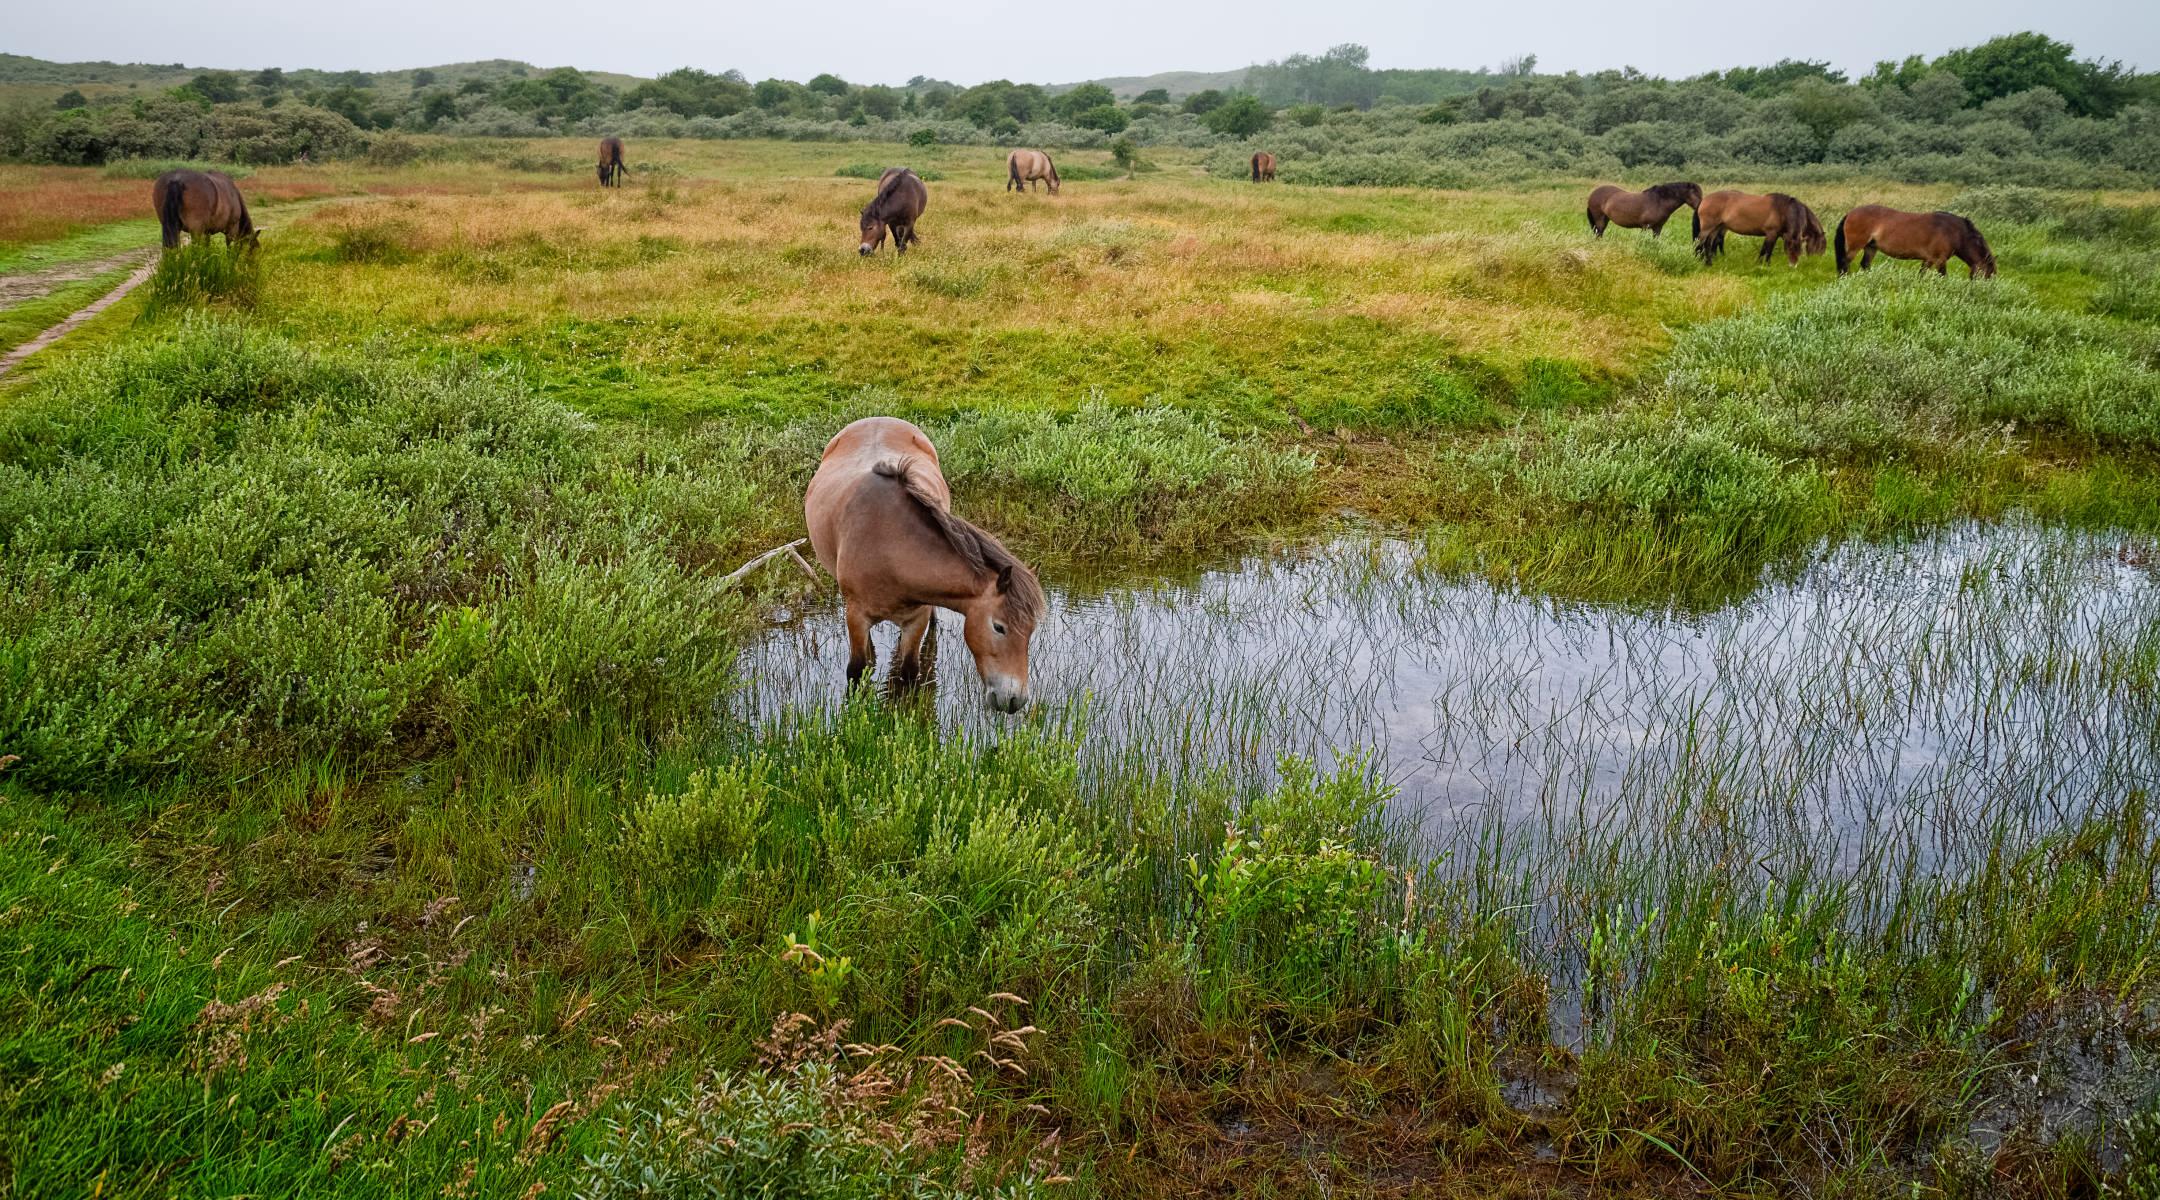 grazing horses in a field with waterhole